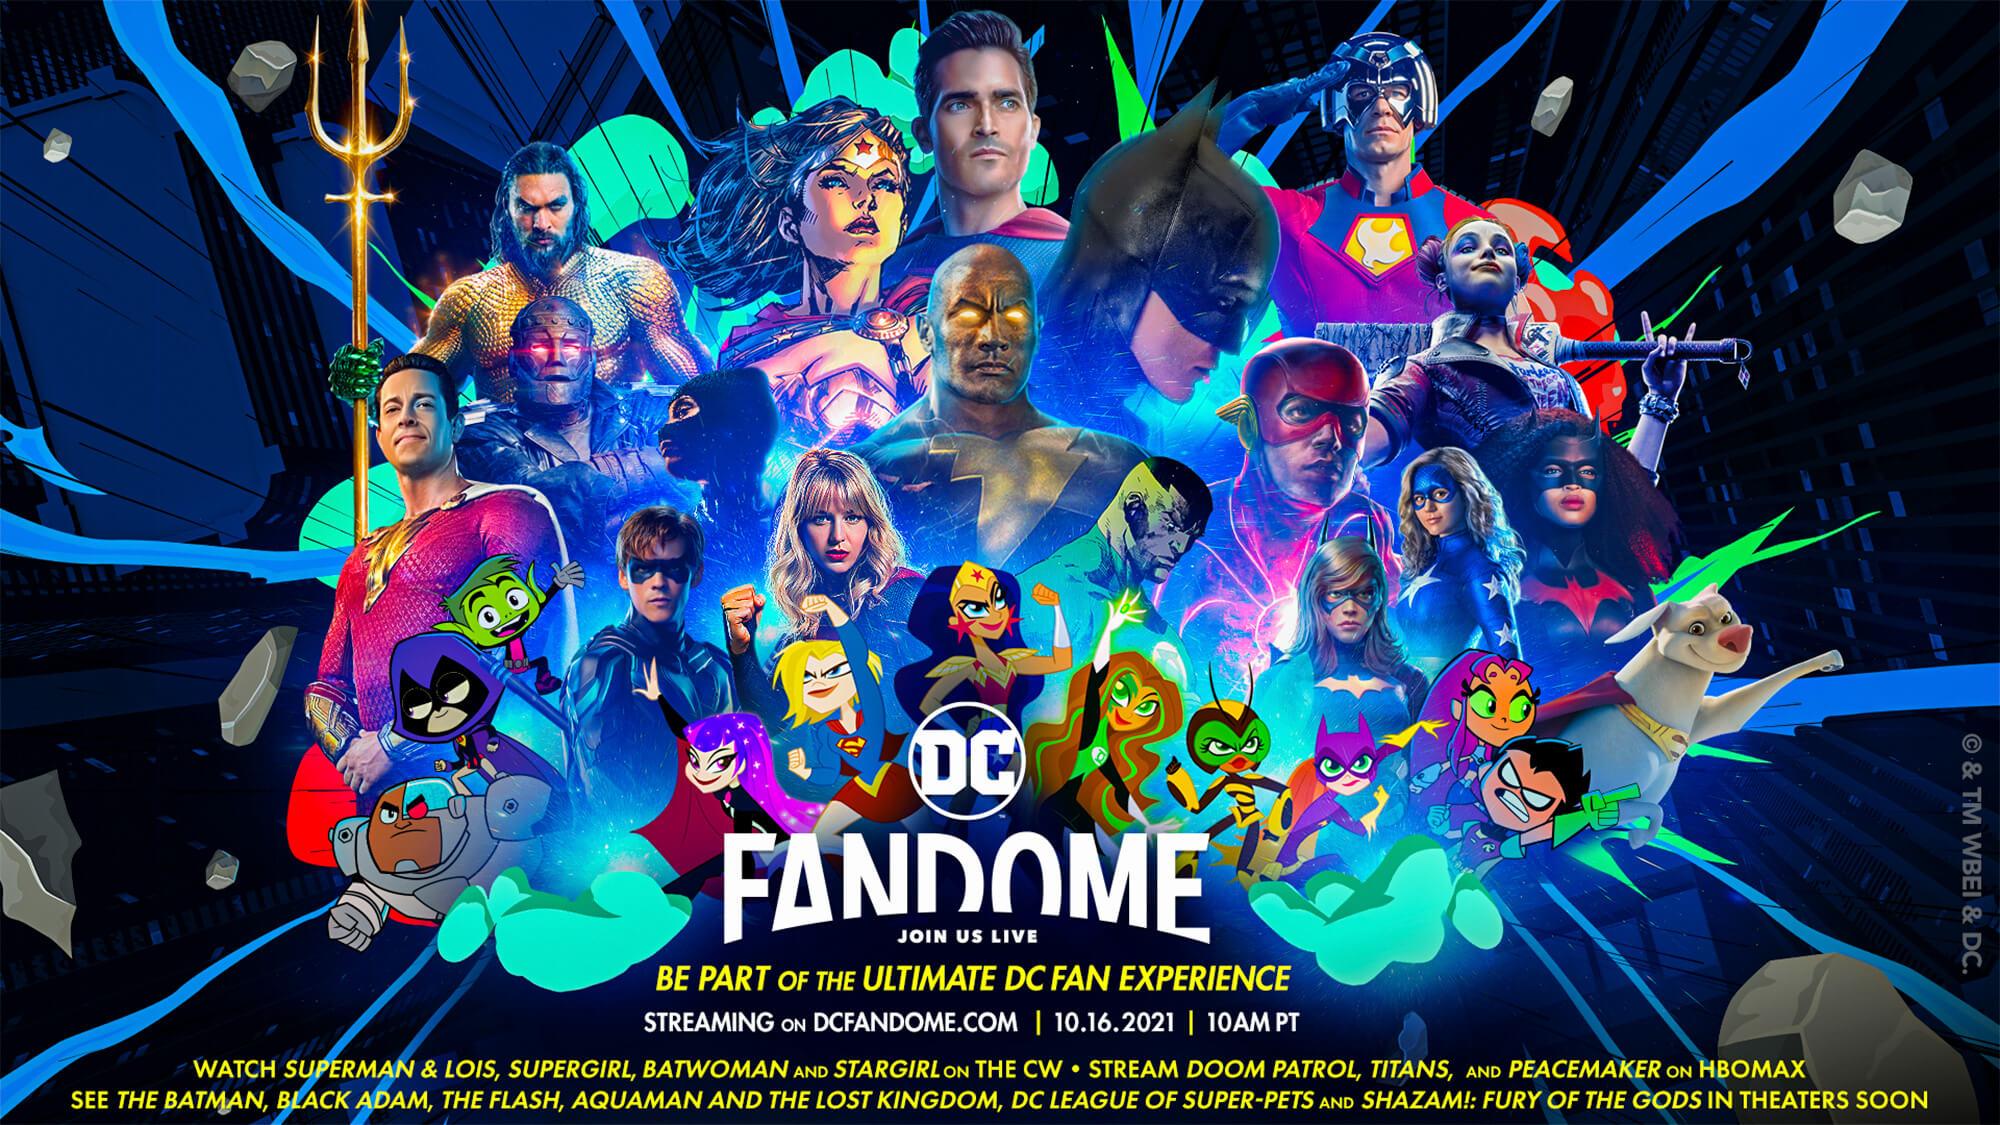 DC Fandome 2021 terá The Batman, The Flash, Black Adam e muito mais